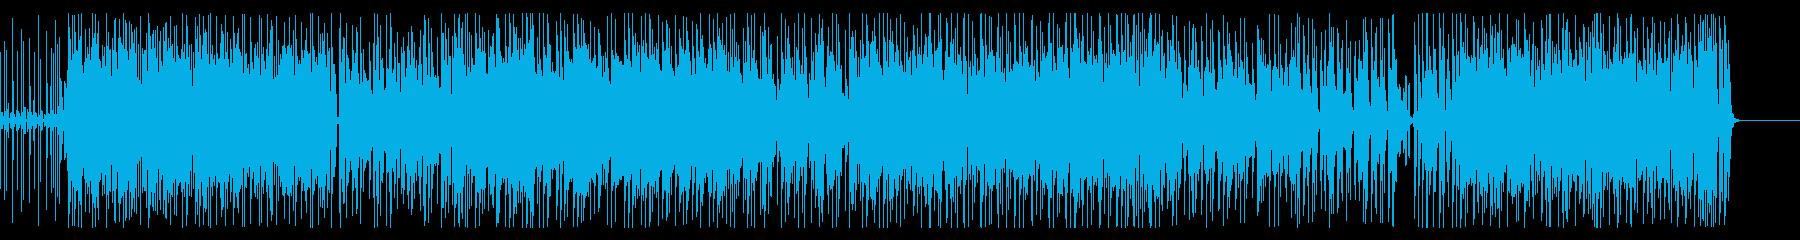 なごやかで牧歌的なポップスの再生済みの波形